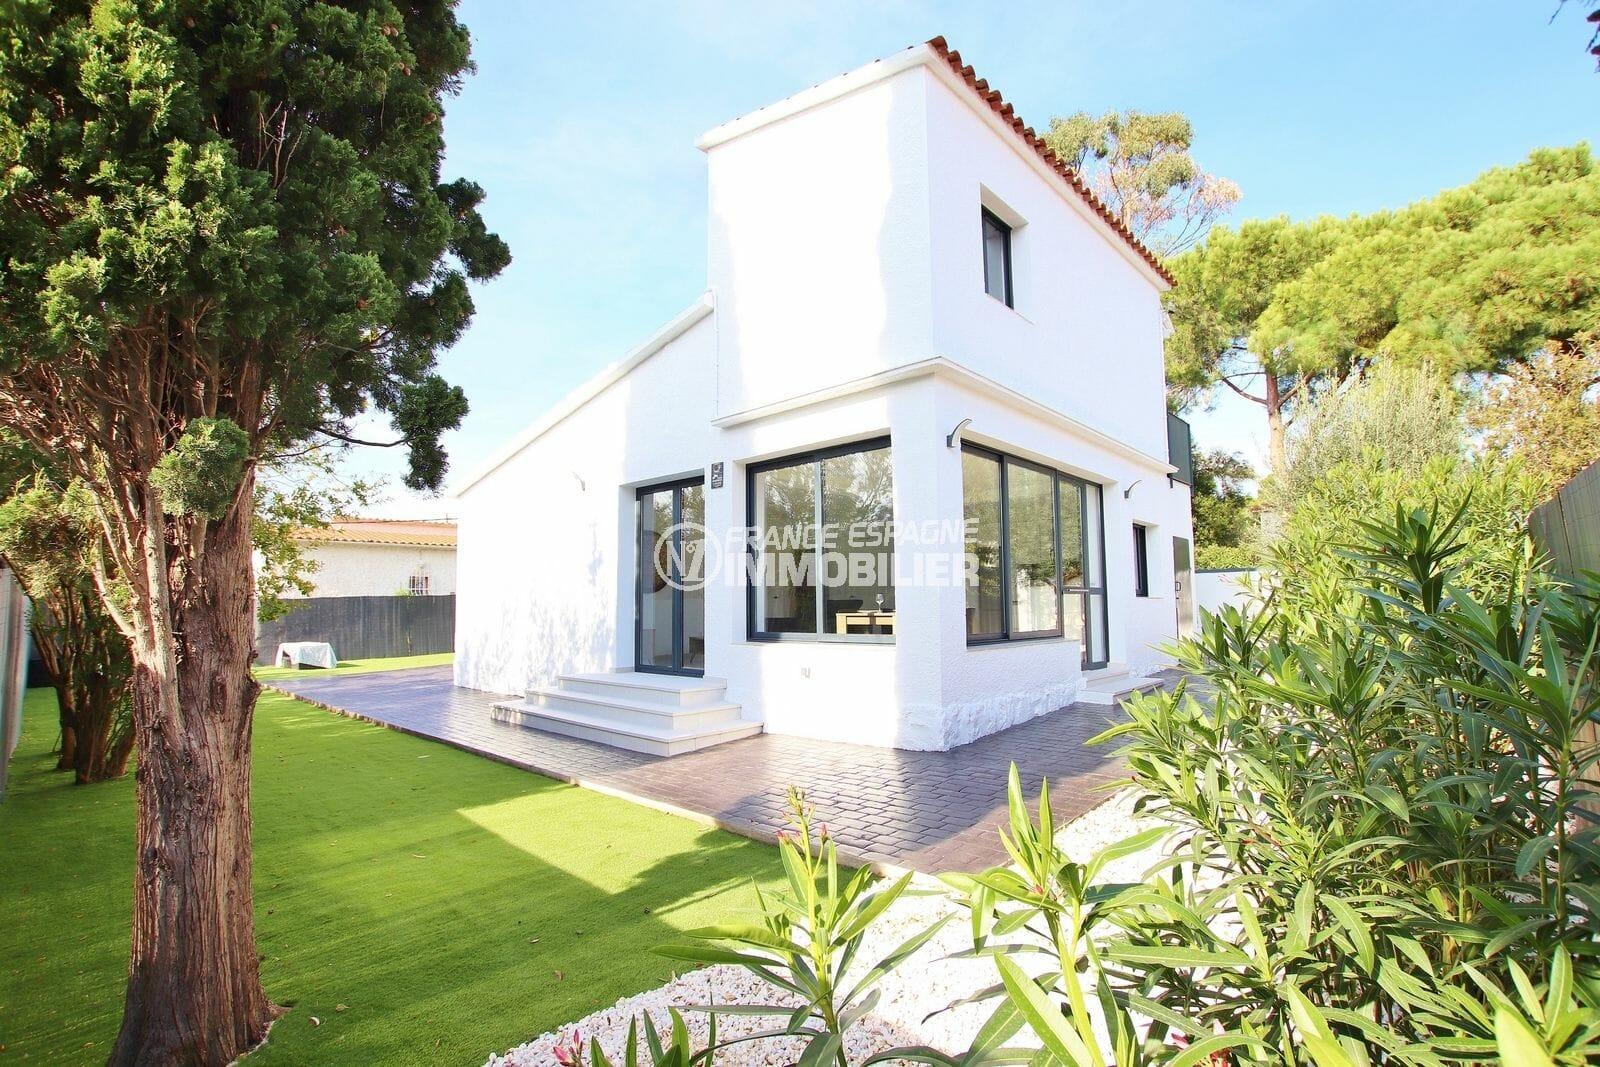 maison a vendre rosas, 105 m² construit sur terrain de 400 m², possibilité piscine, proche plage et commerces